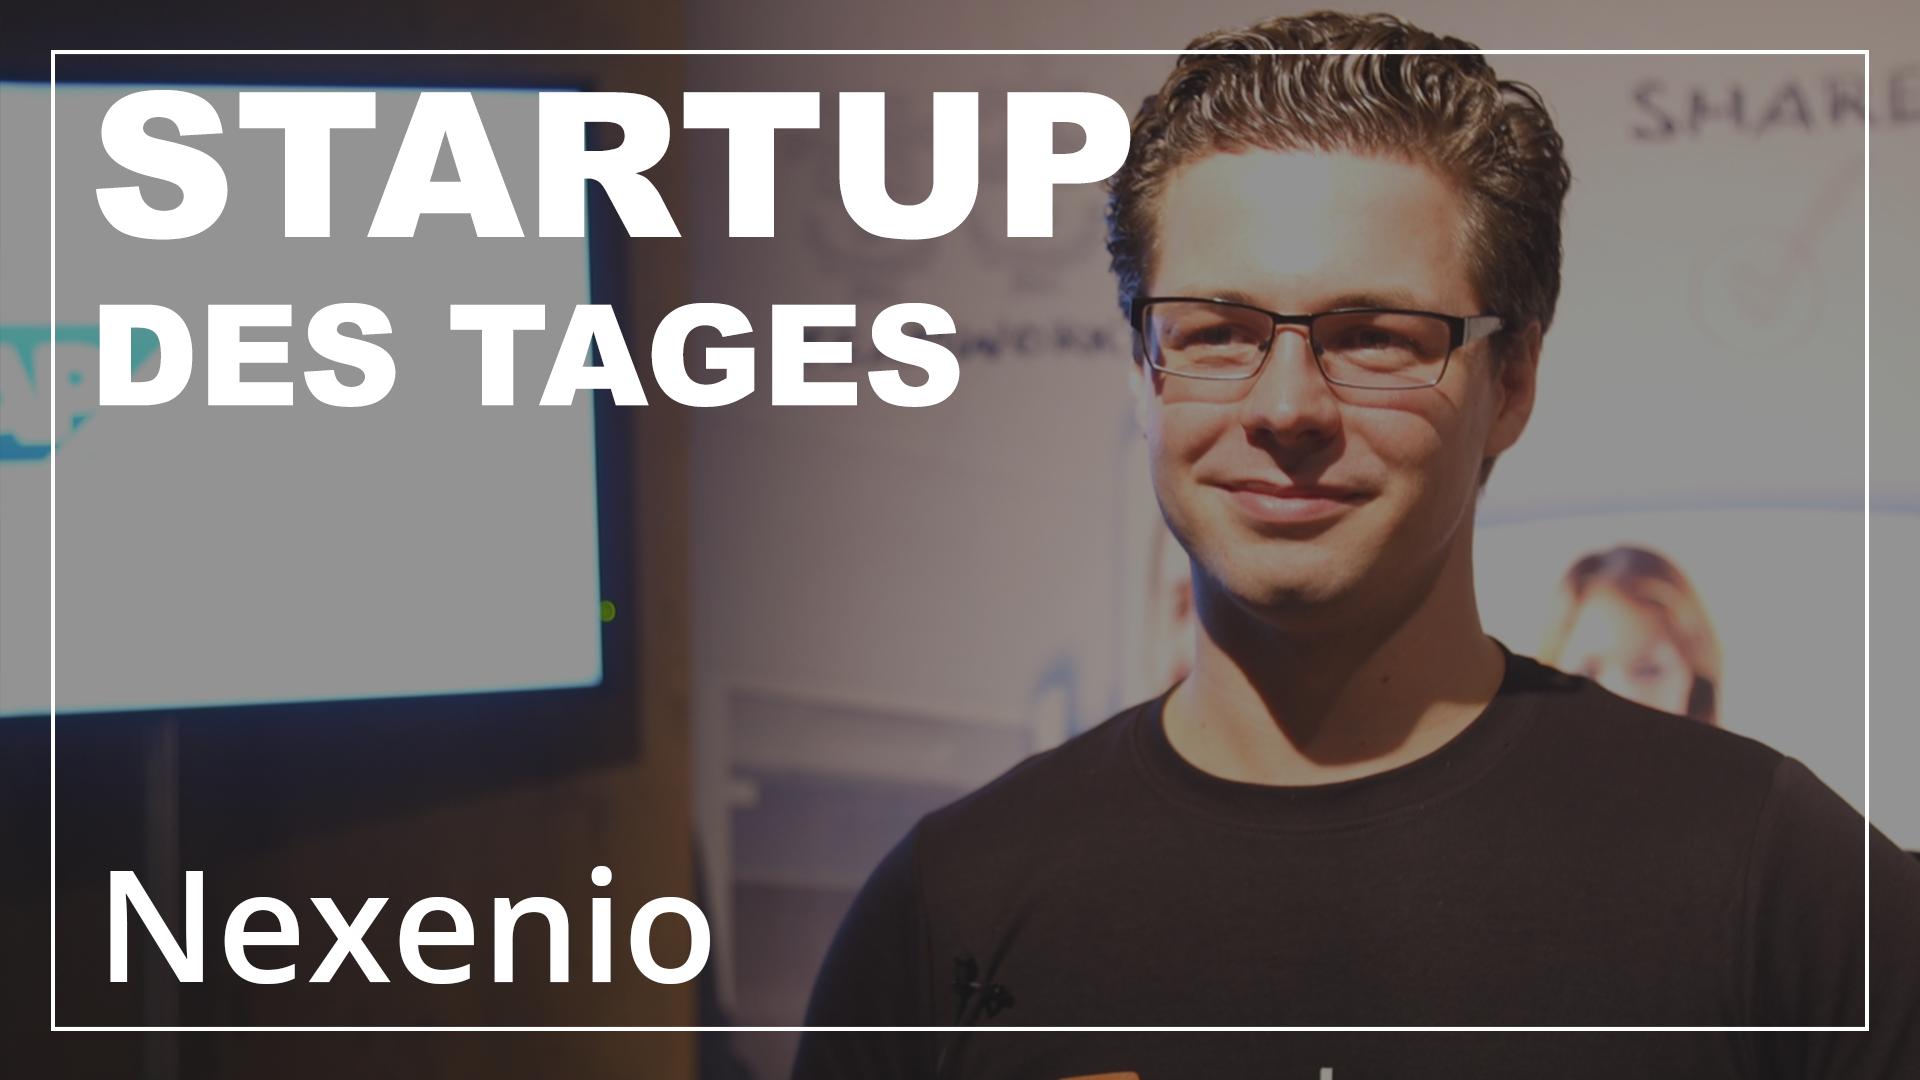 neXenio - Startup des Tages